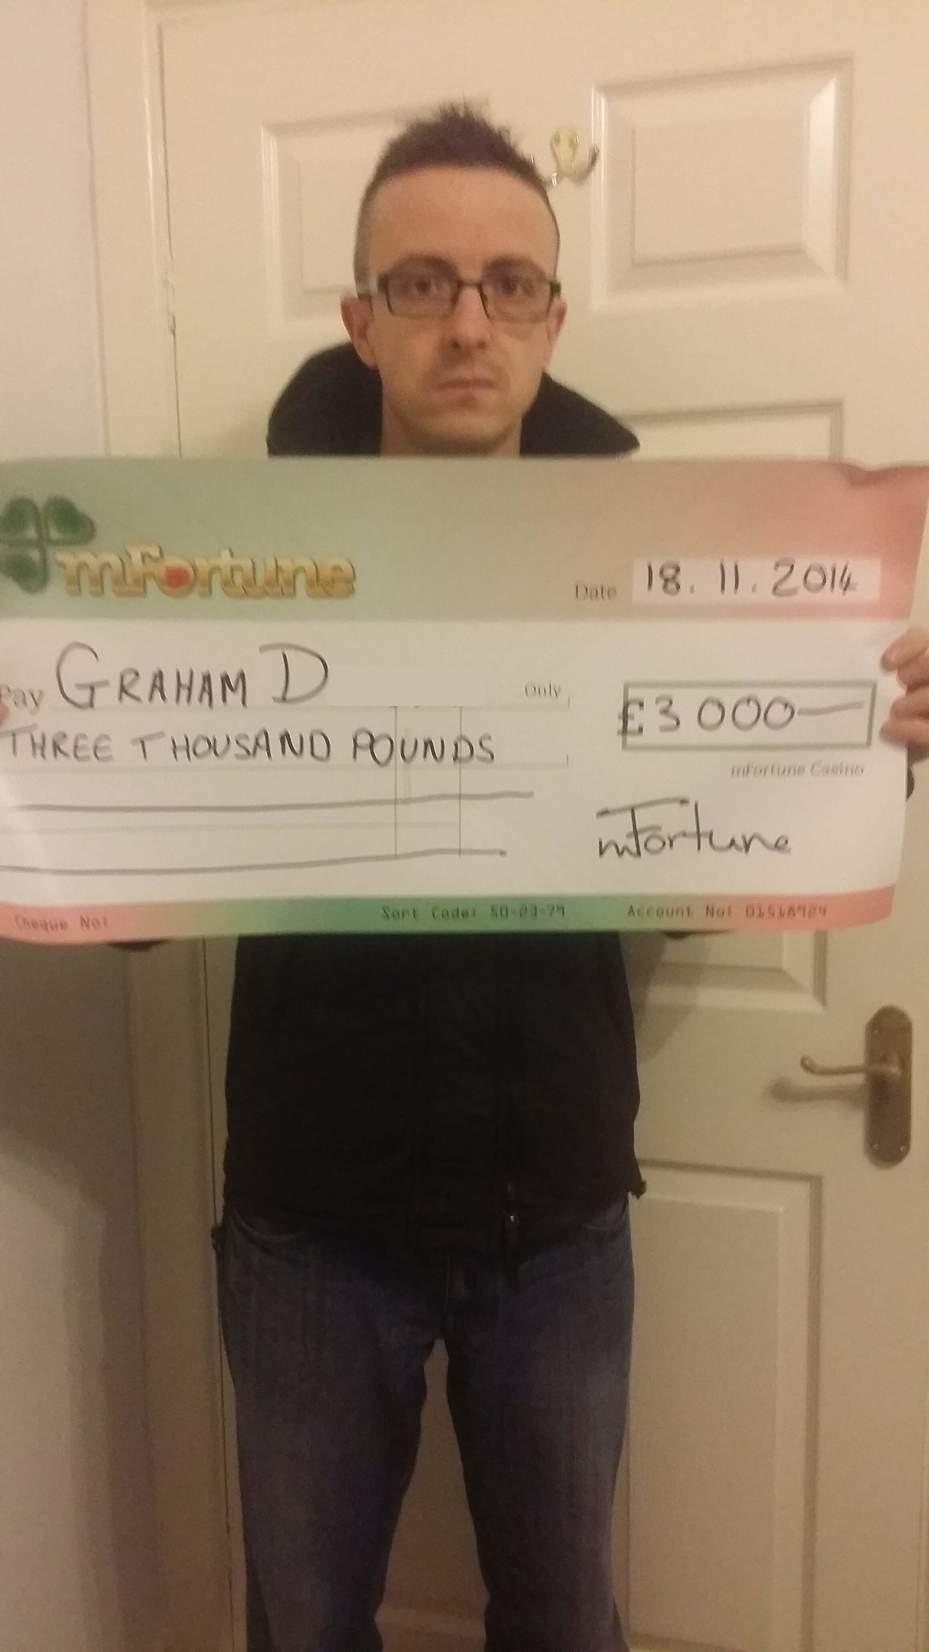 Graham D won £ 3,000